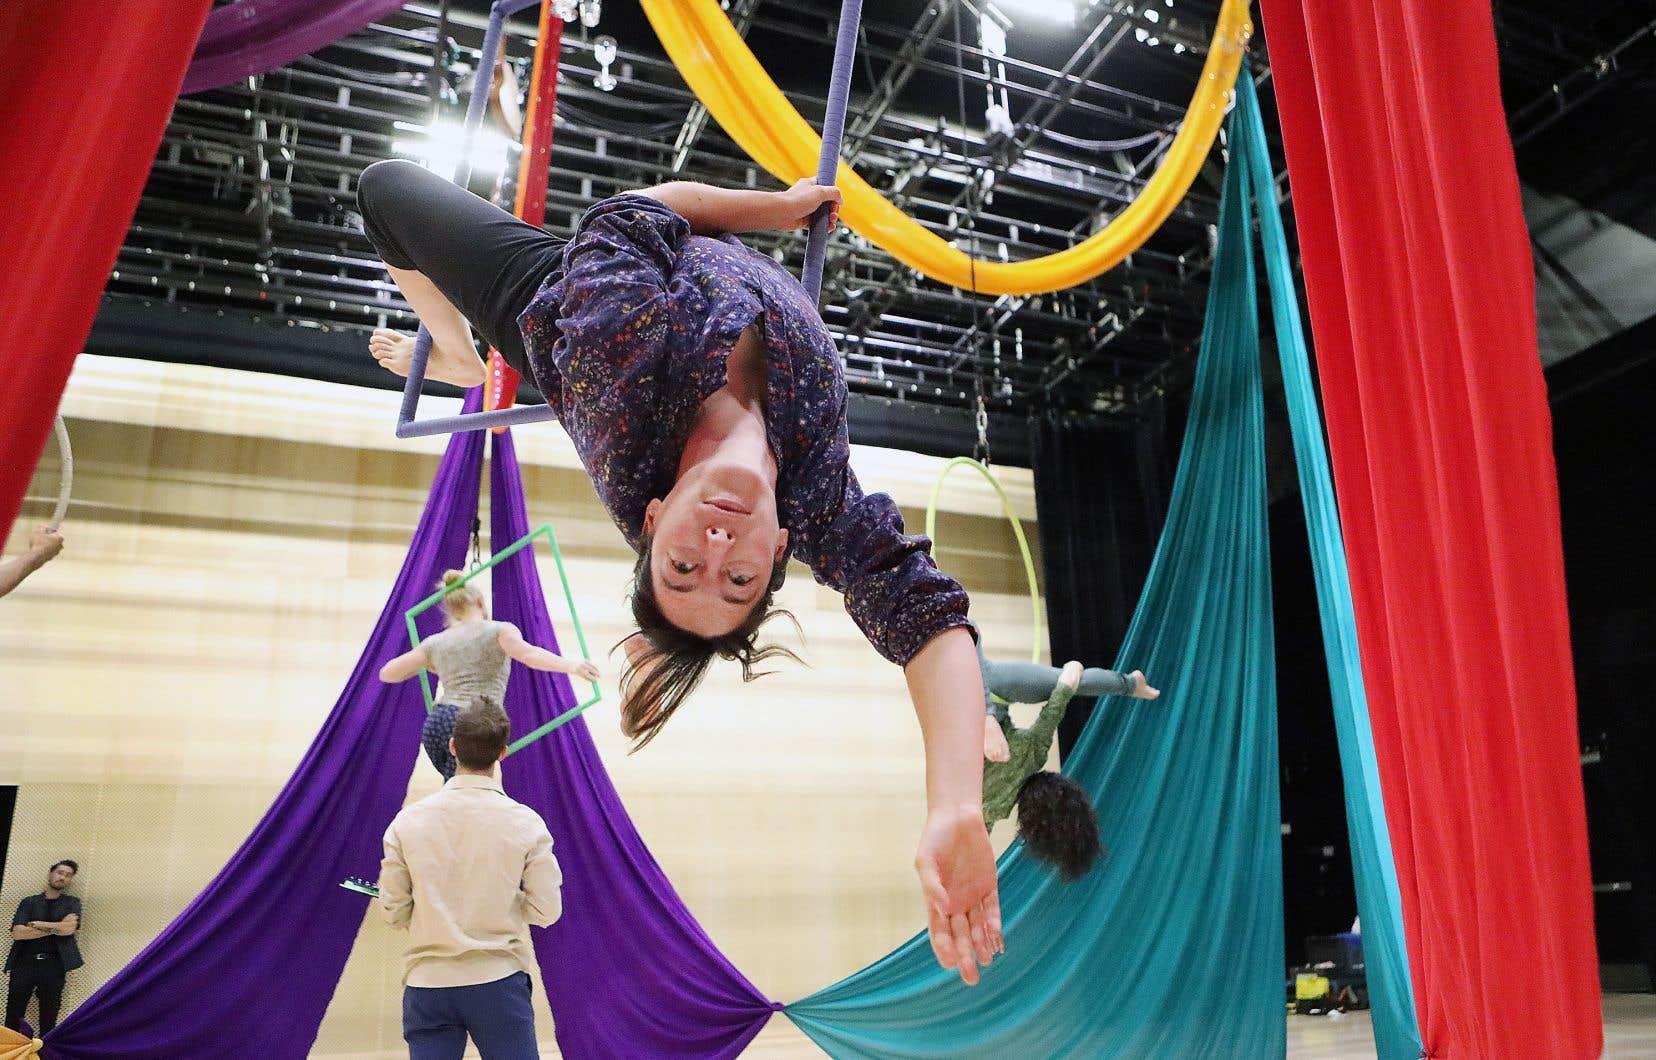 «Le mobile» se veut une immersion dans une bulle réconfortante où le chant, les berceuses, la danse acrobatique et la musique stimulent les petits tout en créant une expérience de découverte.